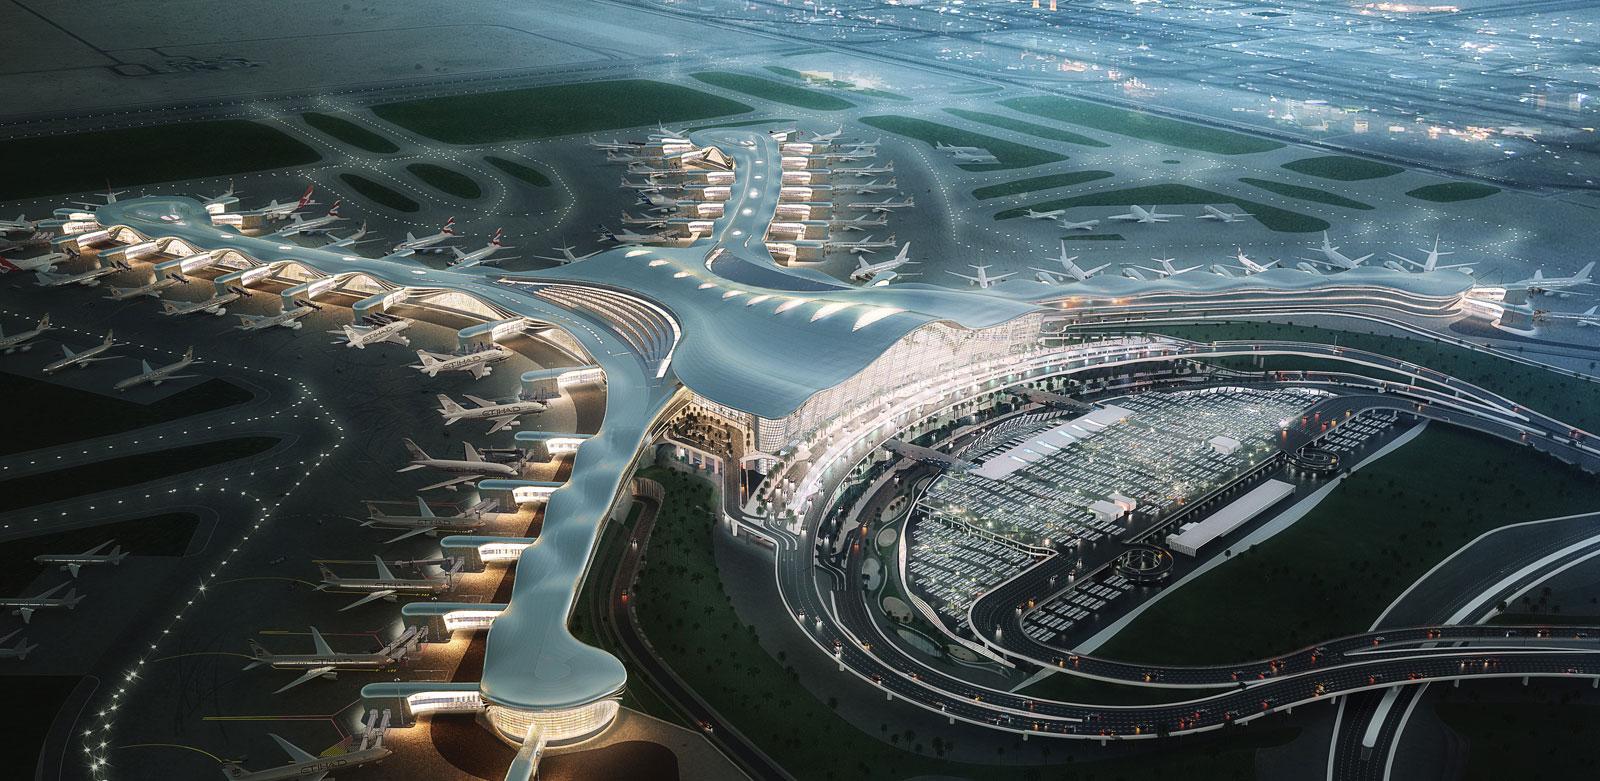 بتكلفة 18 مليار درهم إنهاء 46% من أعمال مطار أبوظبي الجديد